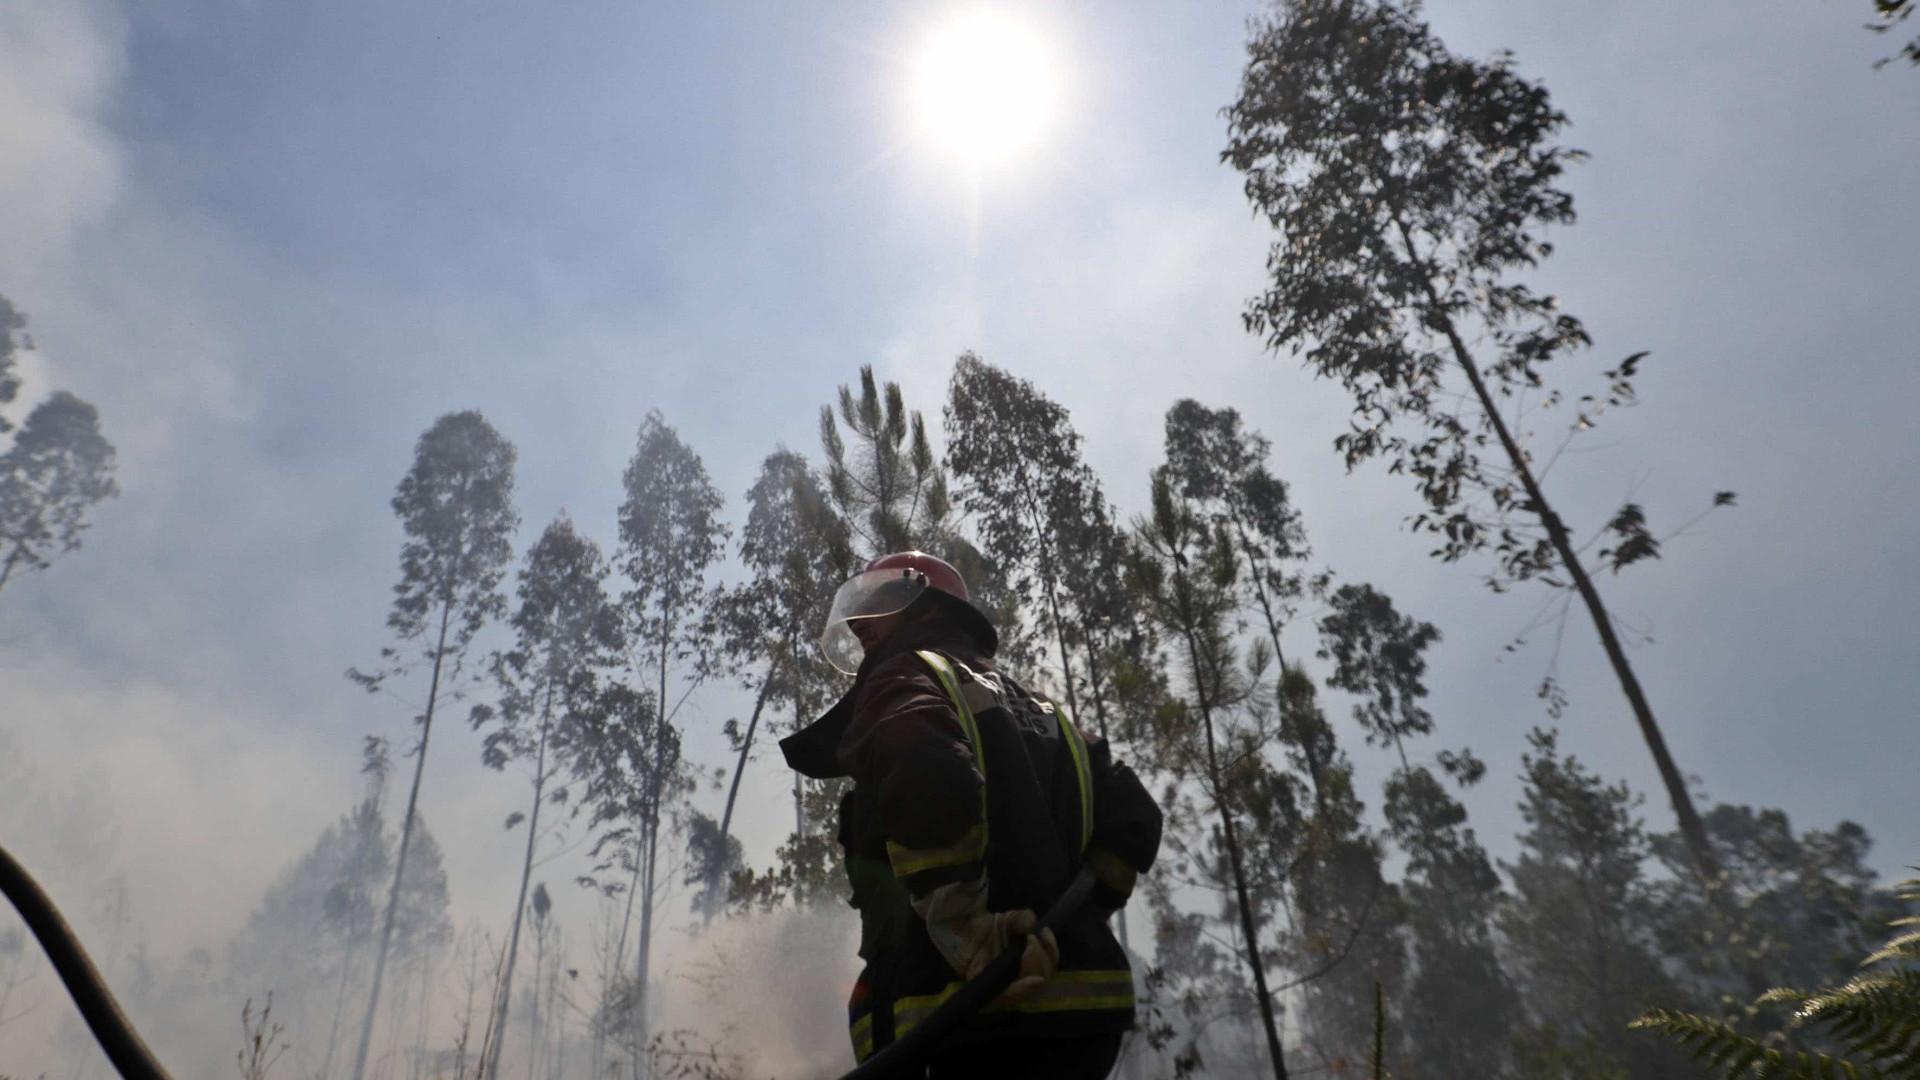 Encontrado um morto em incêndio rural em Viseu